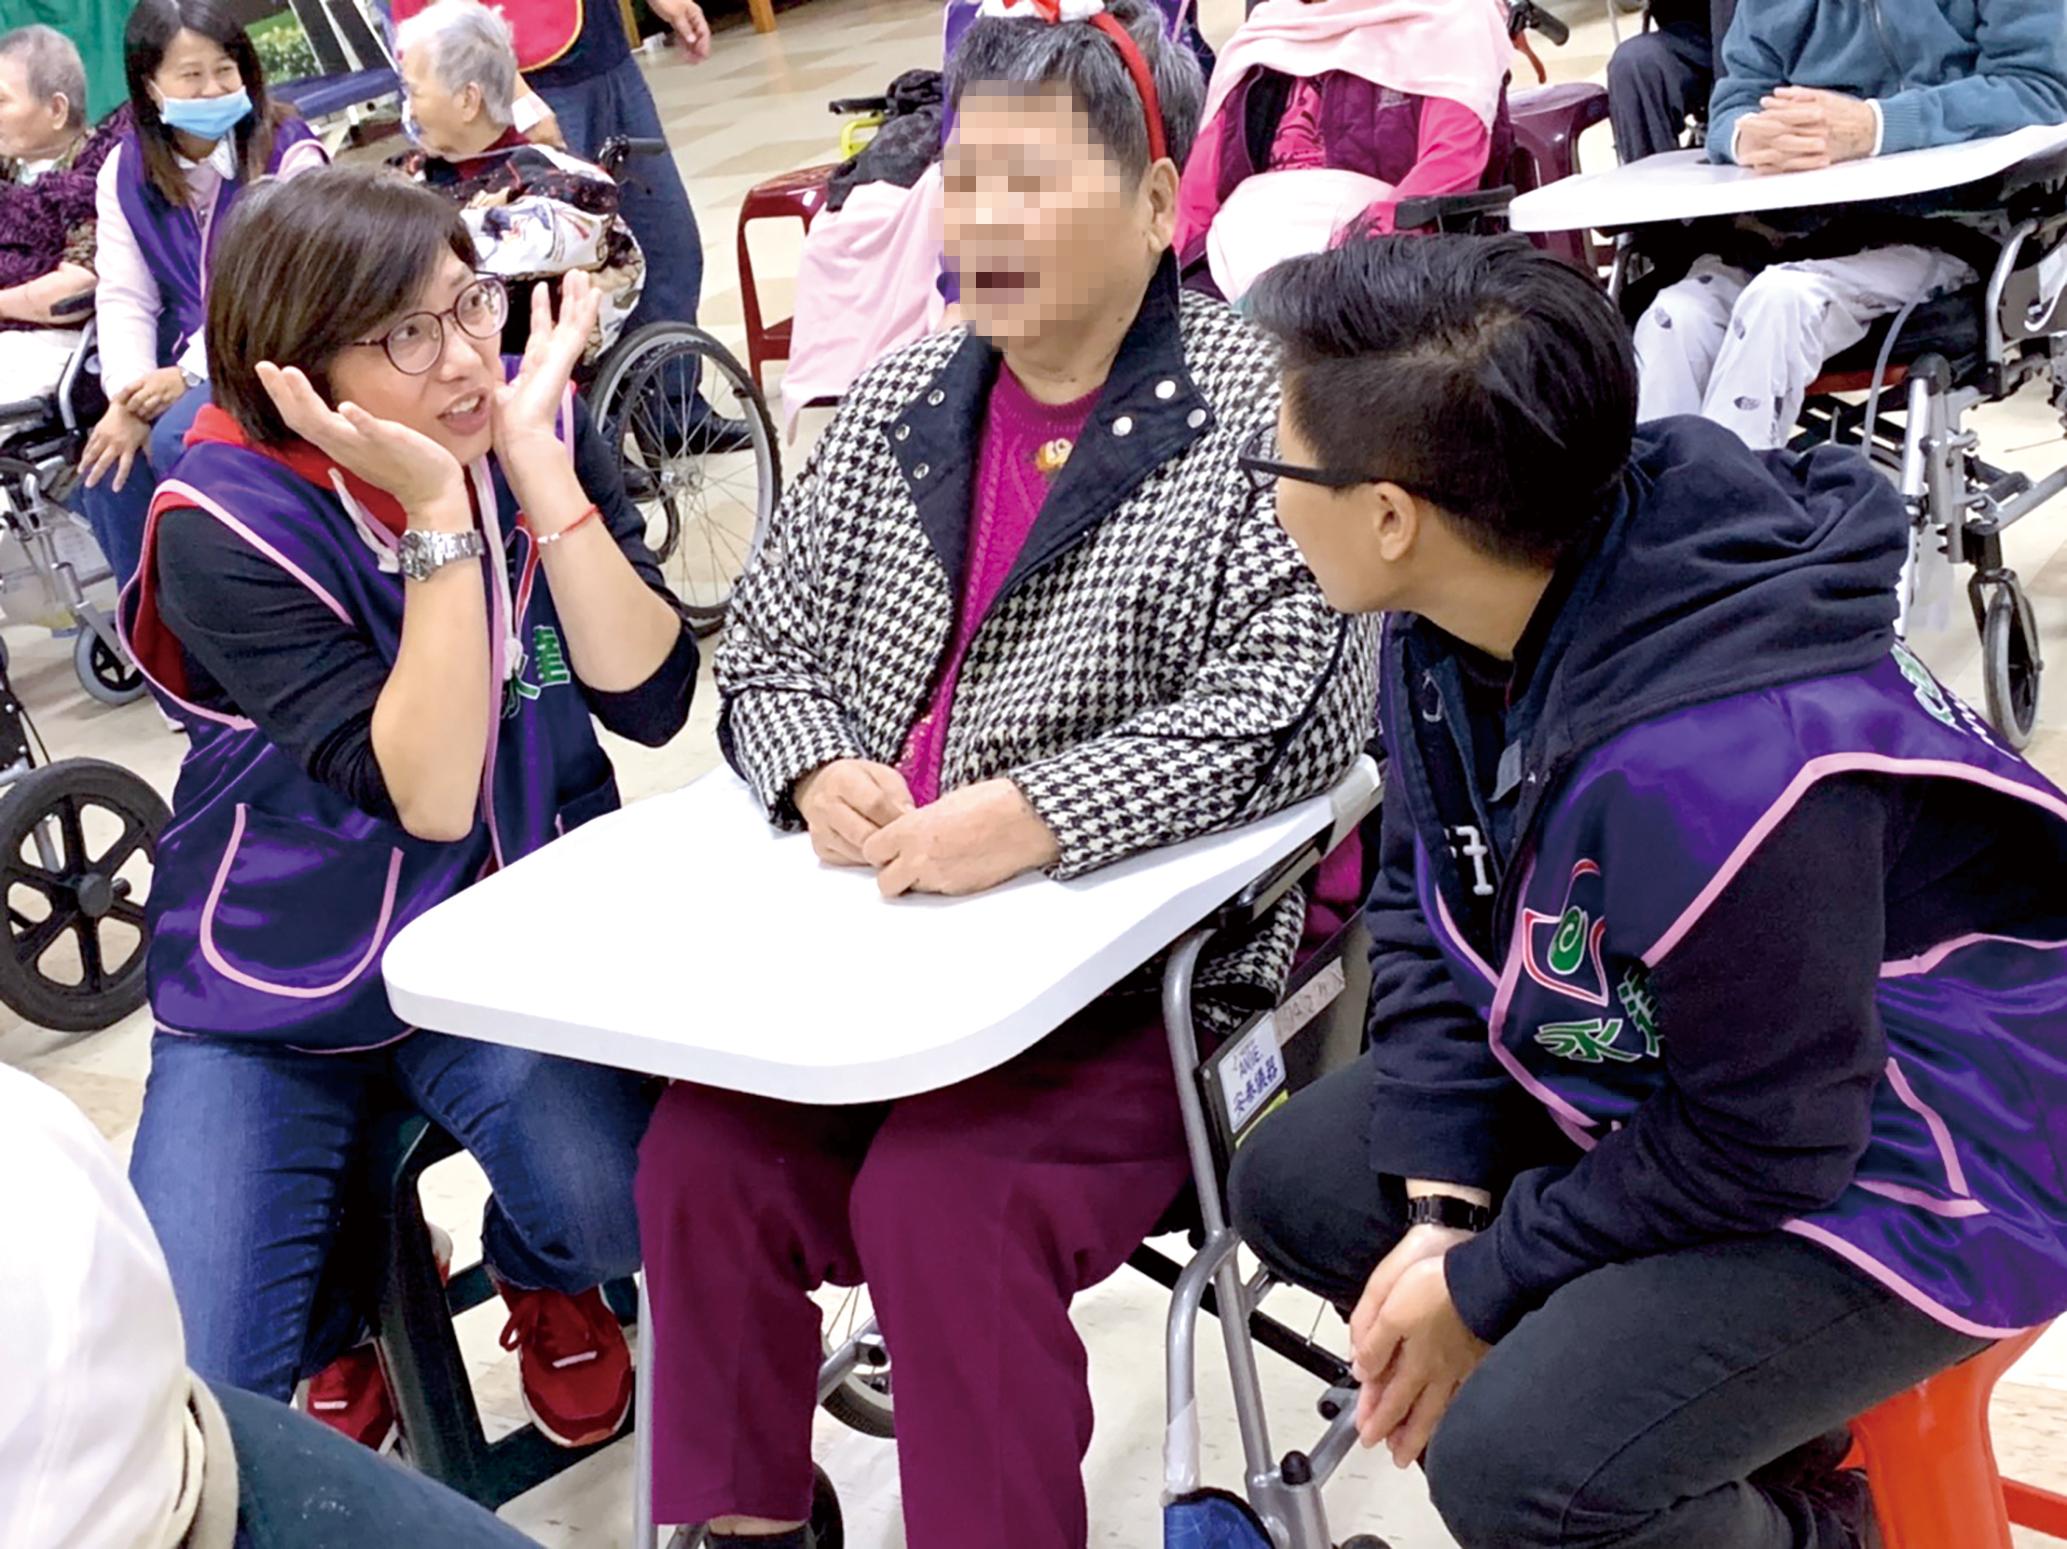 志工陪奶奶聊天,逗她開心笑。